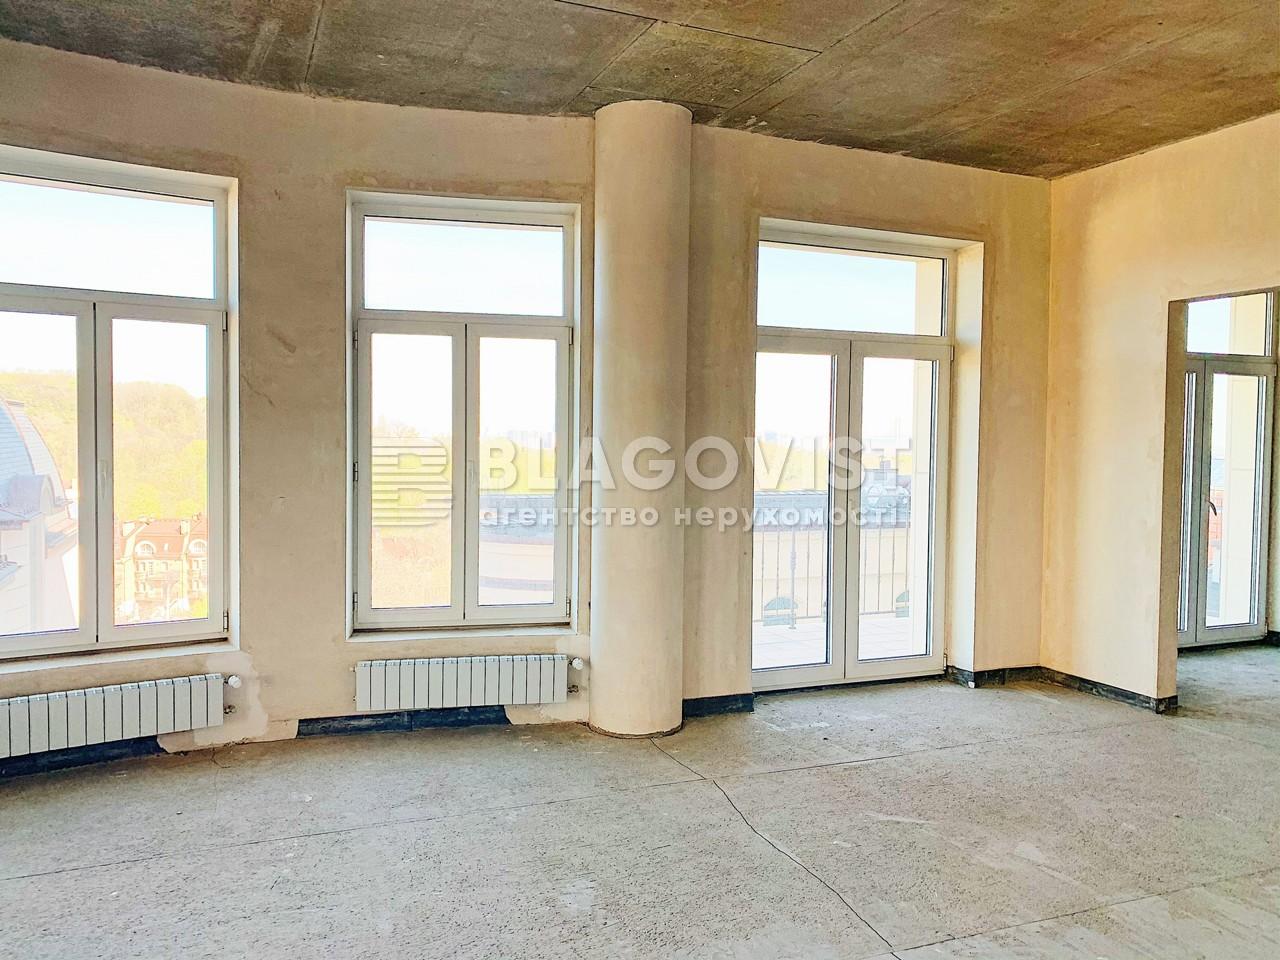 Квартира A-111022, Новоселицкая, 10, Киев - Фото 7